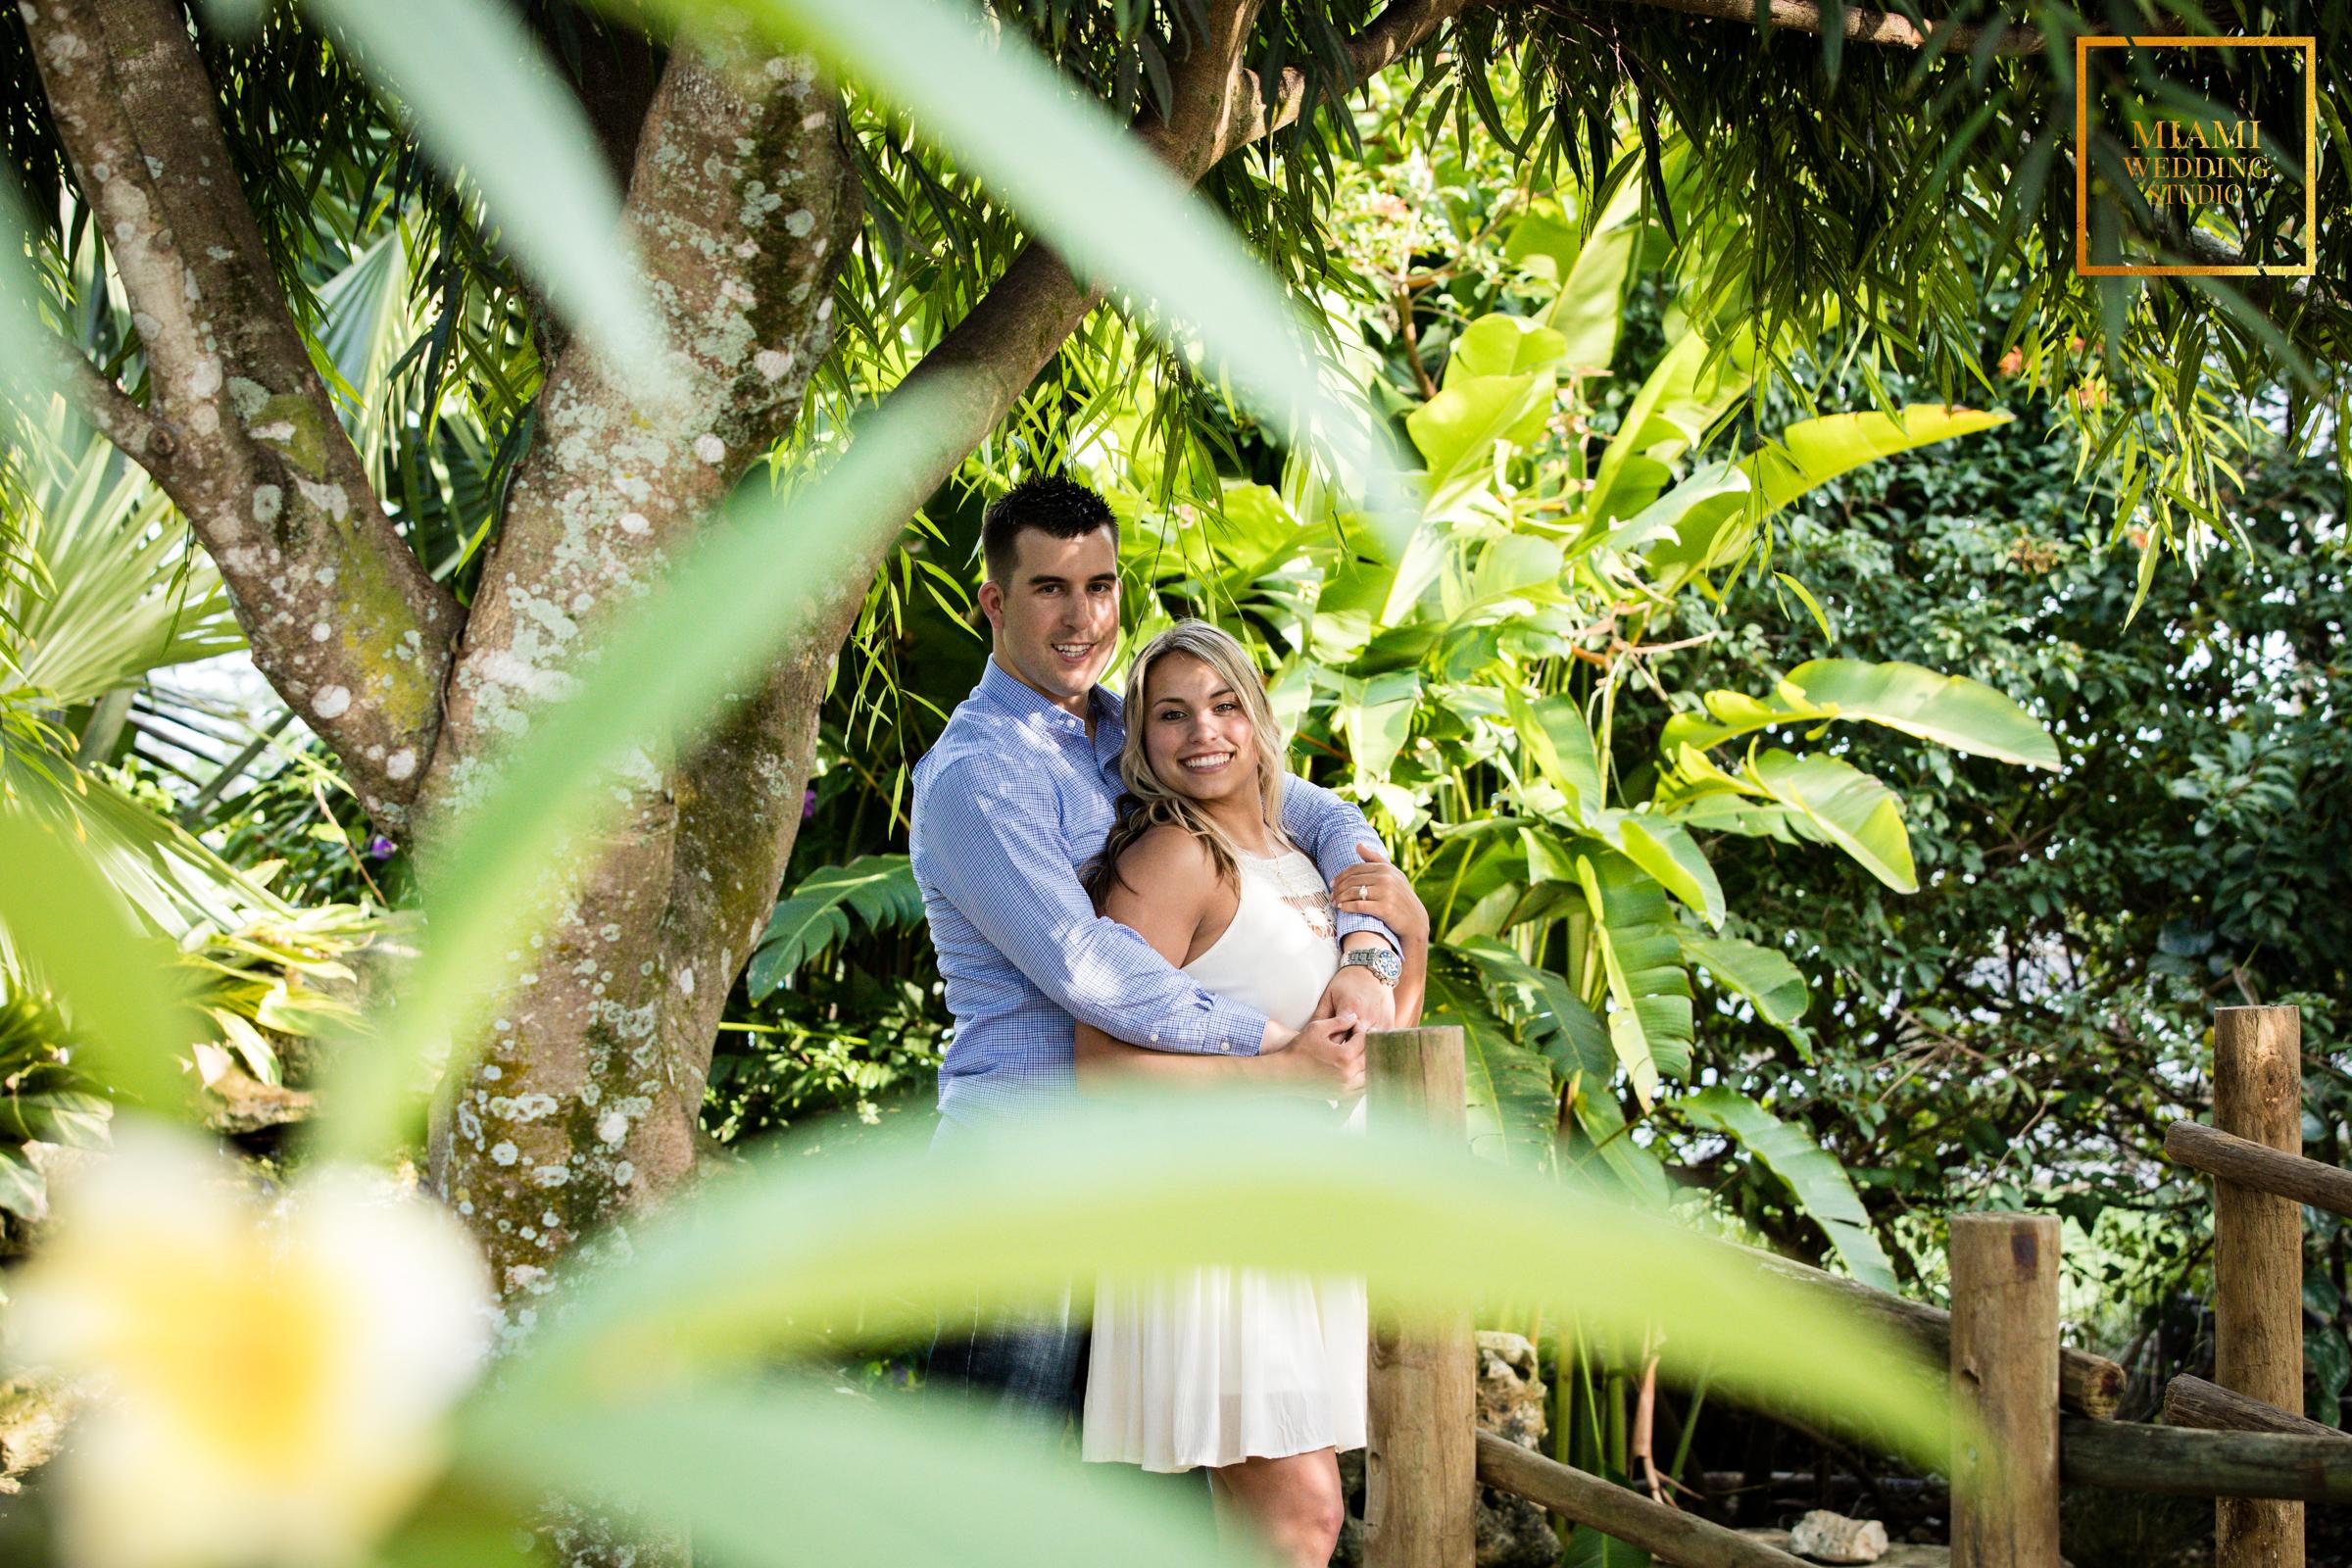 Miami Wedding Studio Marketing-4617.jpg